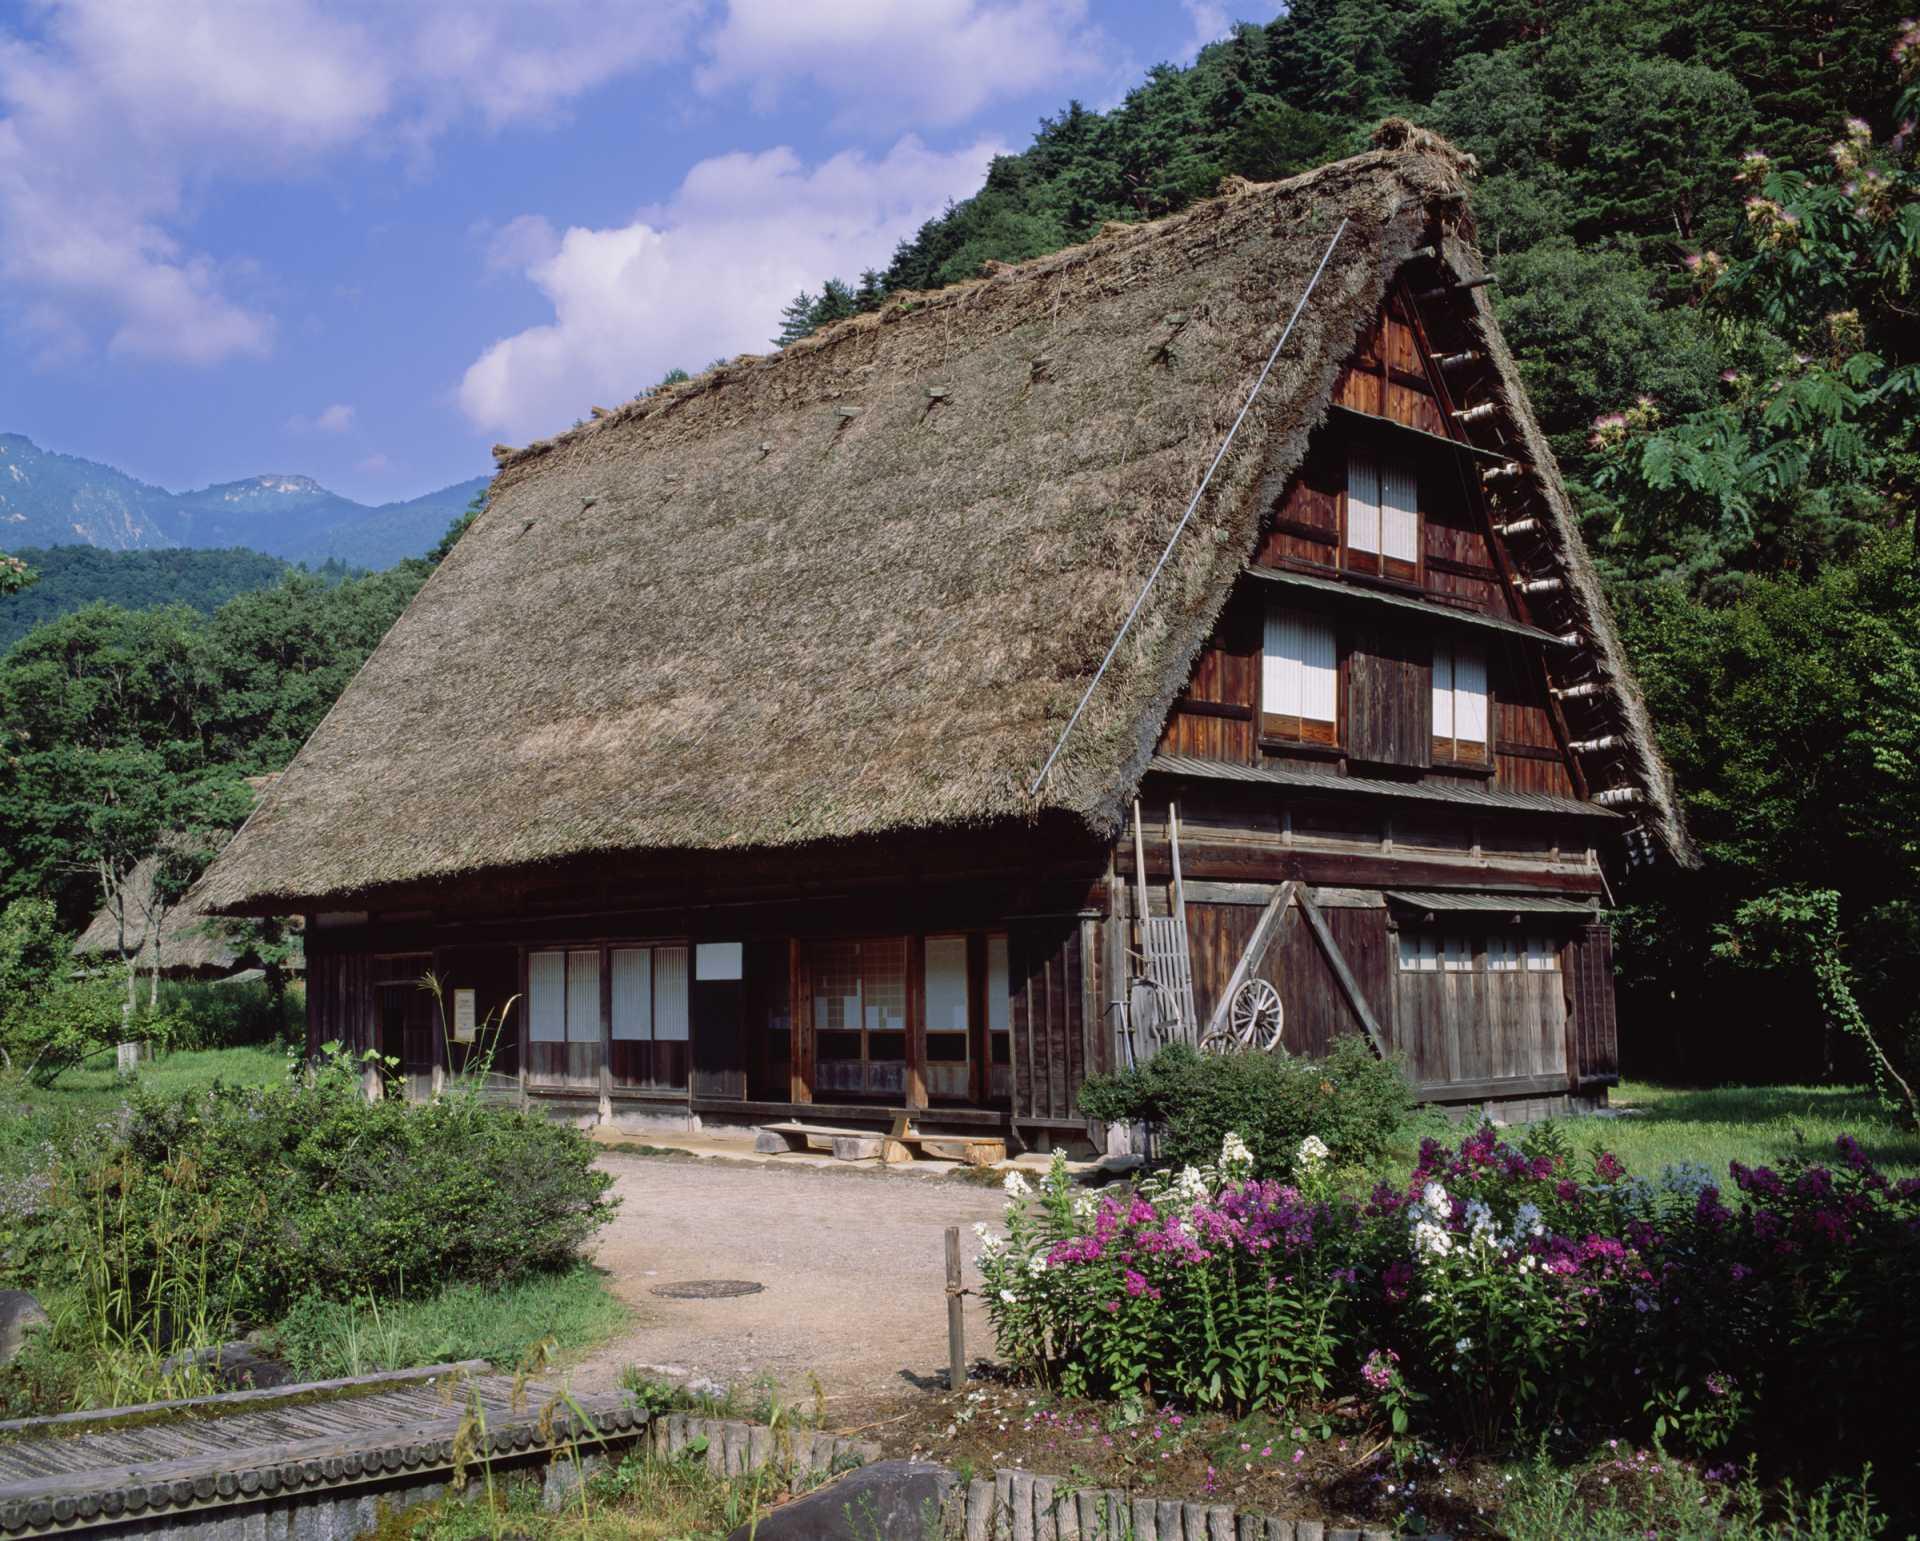 白川乡、岐阜、合掌造聚落、世界遗产、传统建筑群保护区、新绿